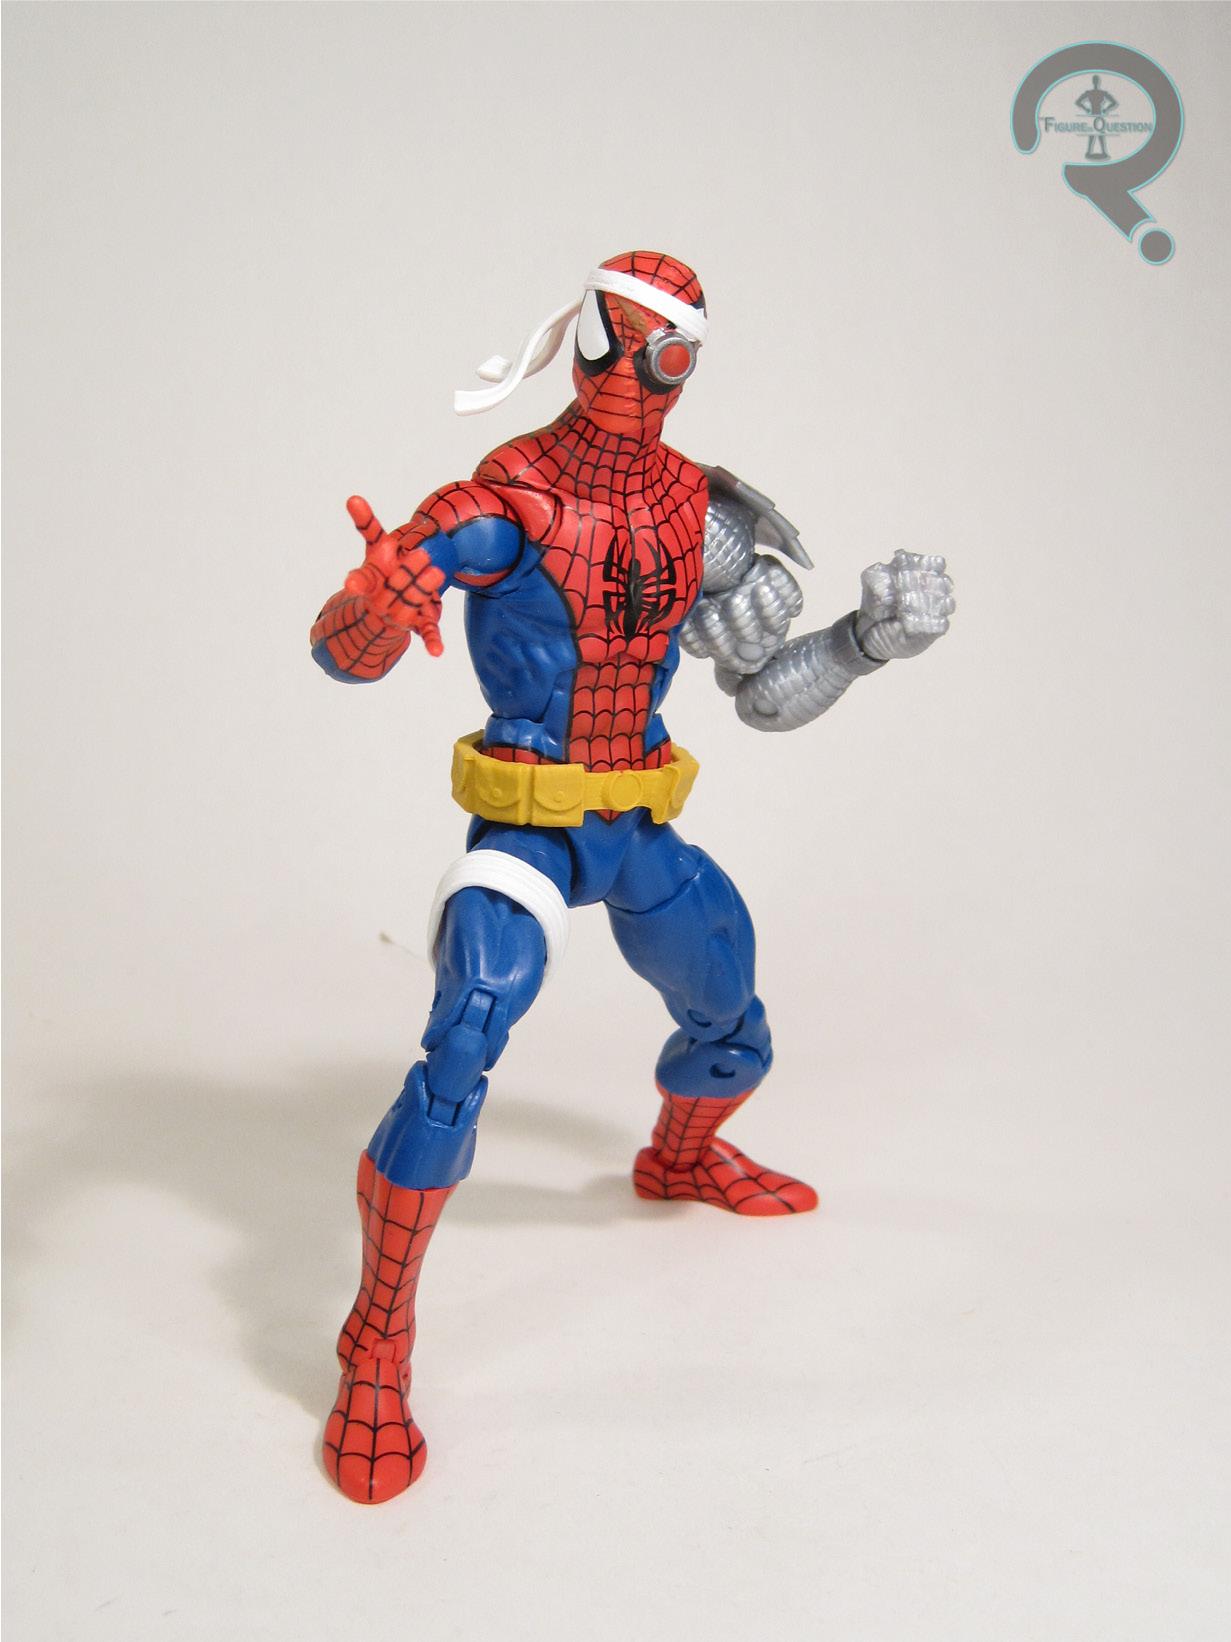 Marvel Legends Spider-Man Retro Series CYBORG SPIDER-MAN Target Exclusive New